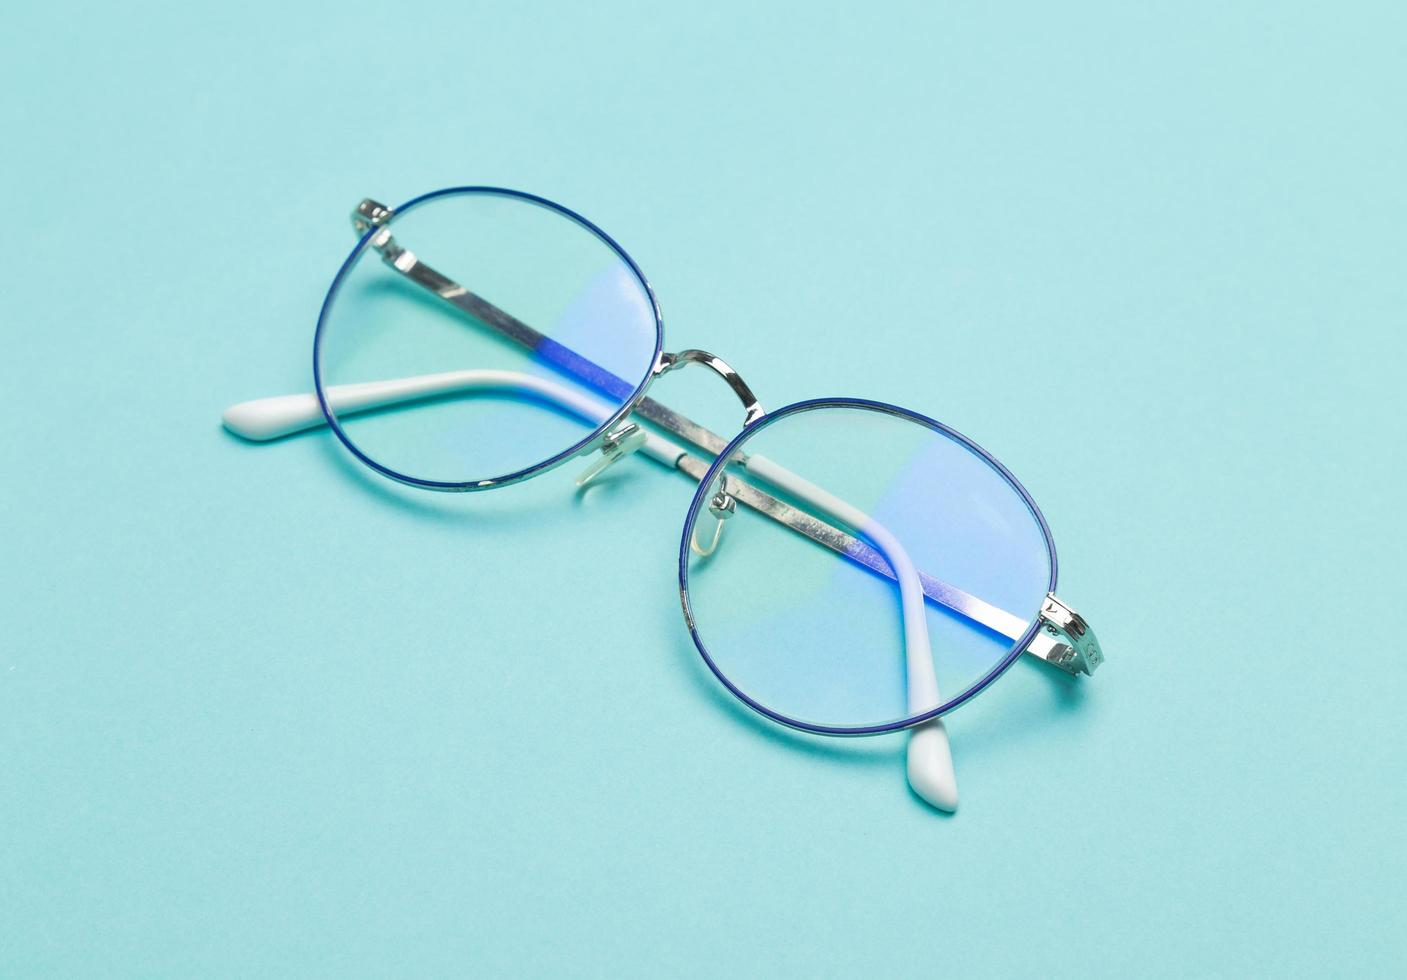 lunettes sur fond bleu photo